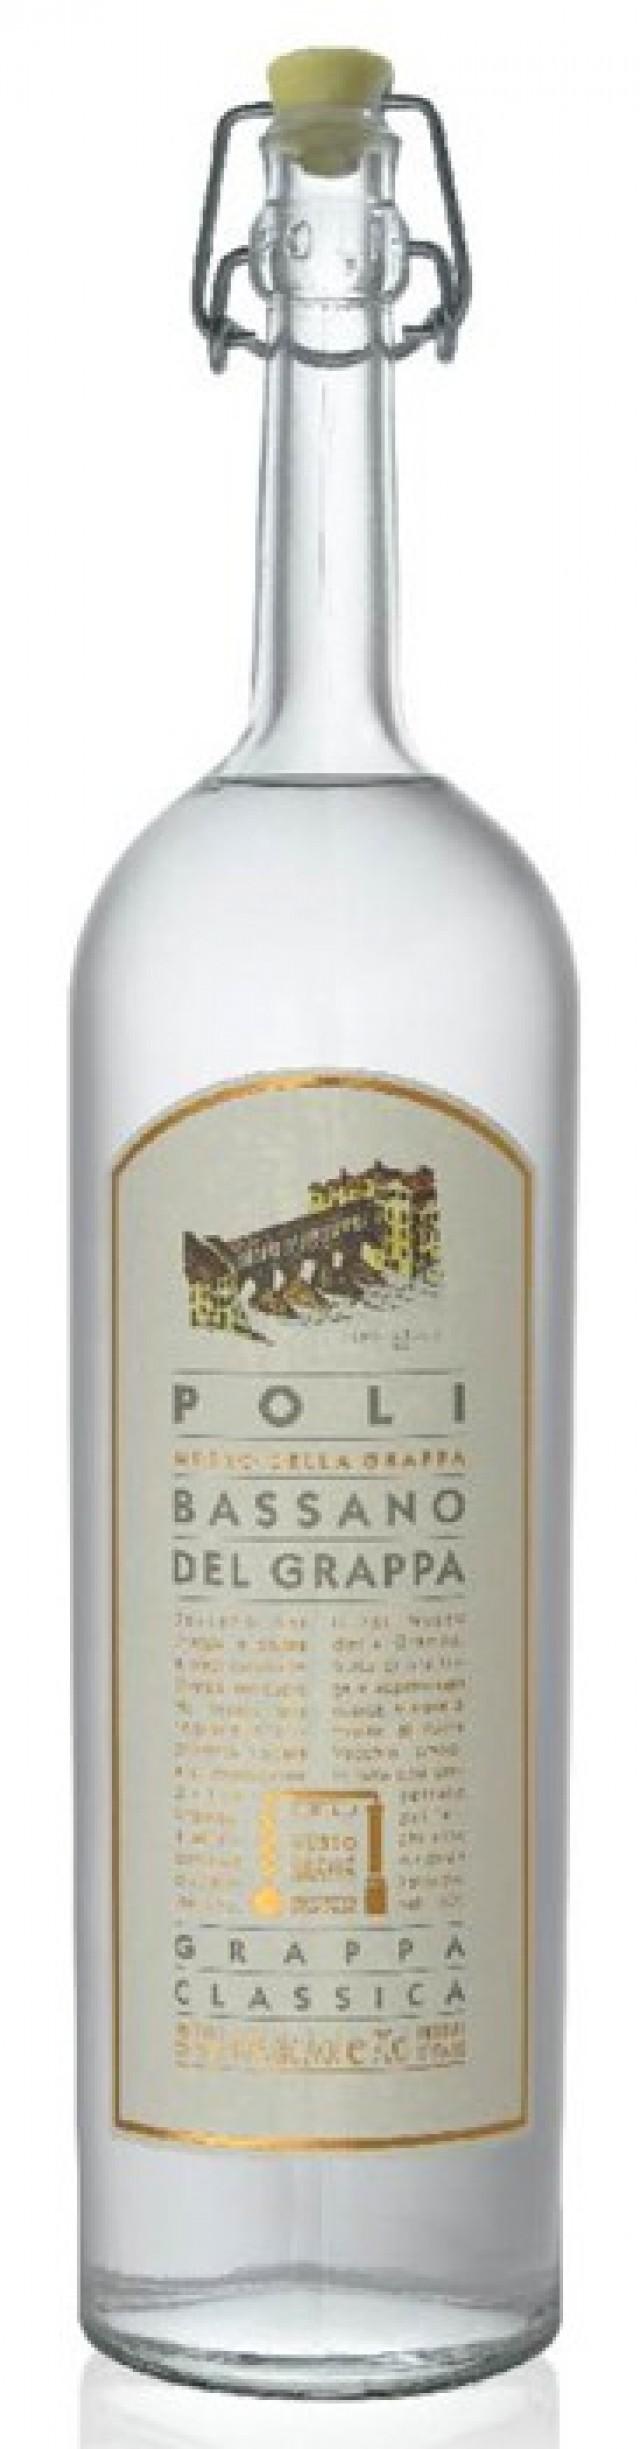 Grappa di Bassano Classica : vendita online Liquori e distillati ...